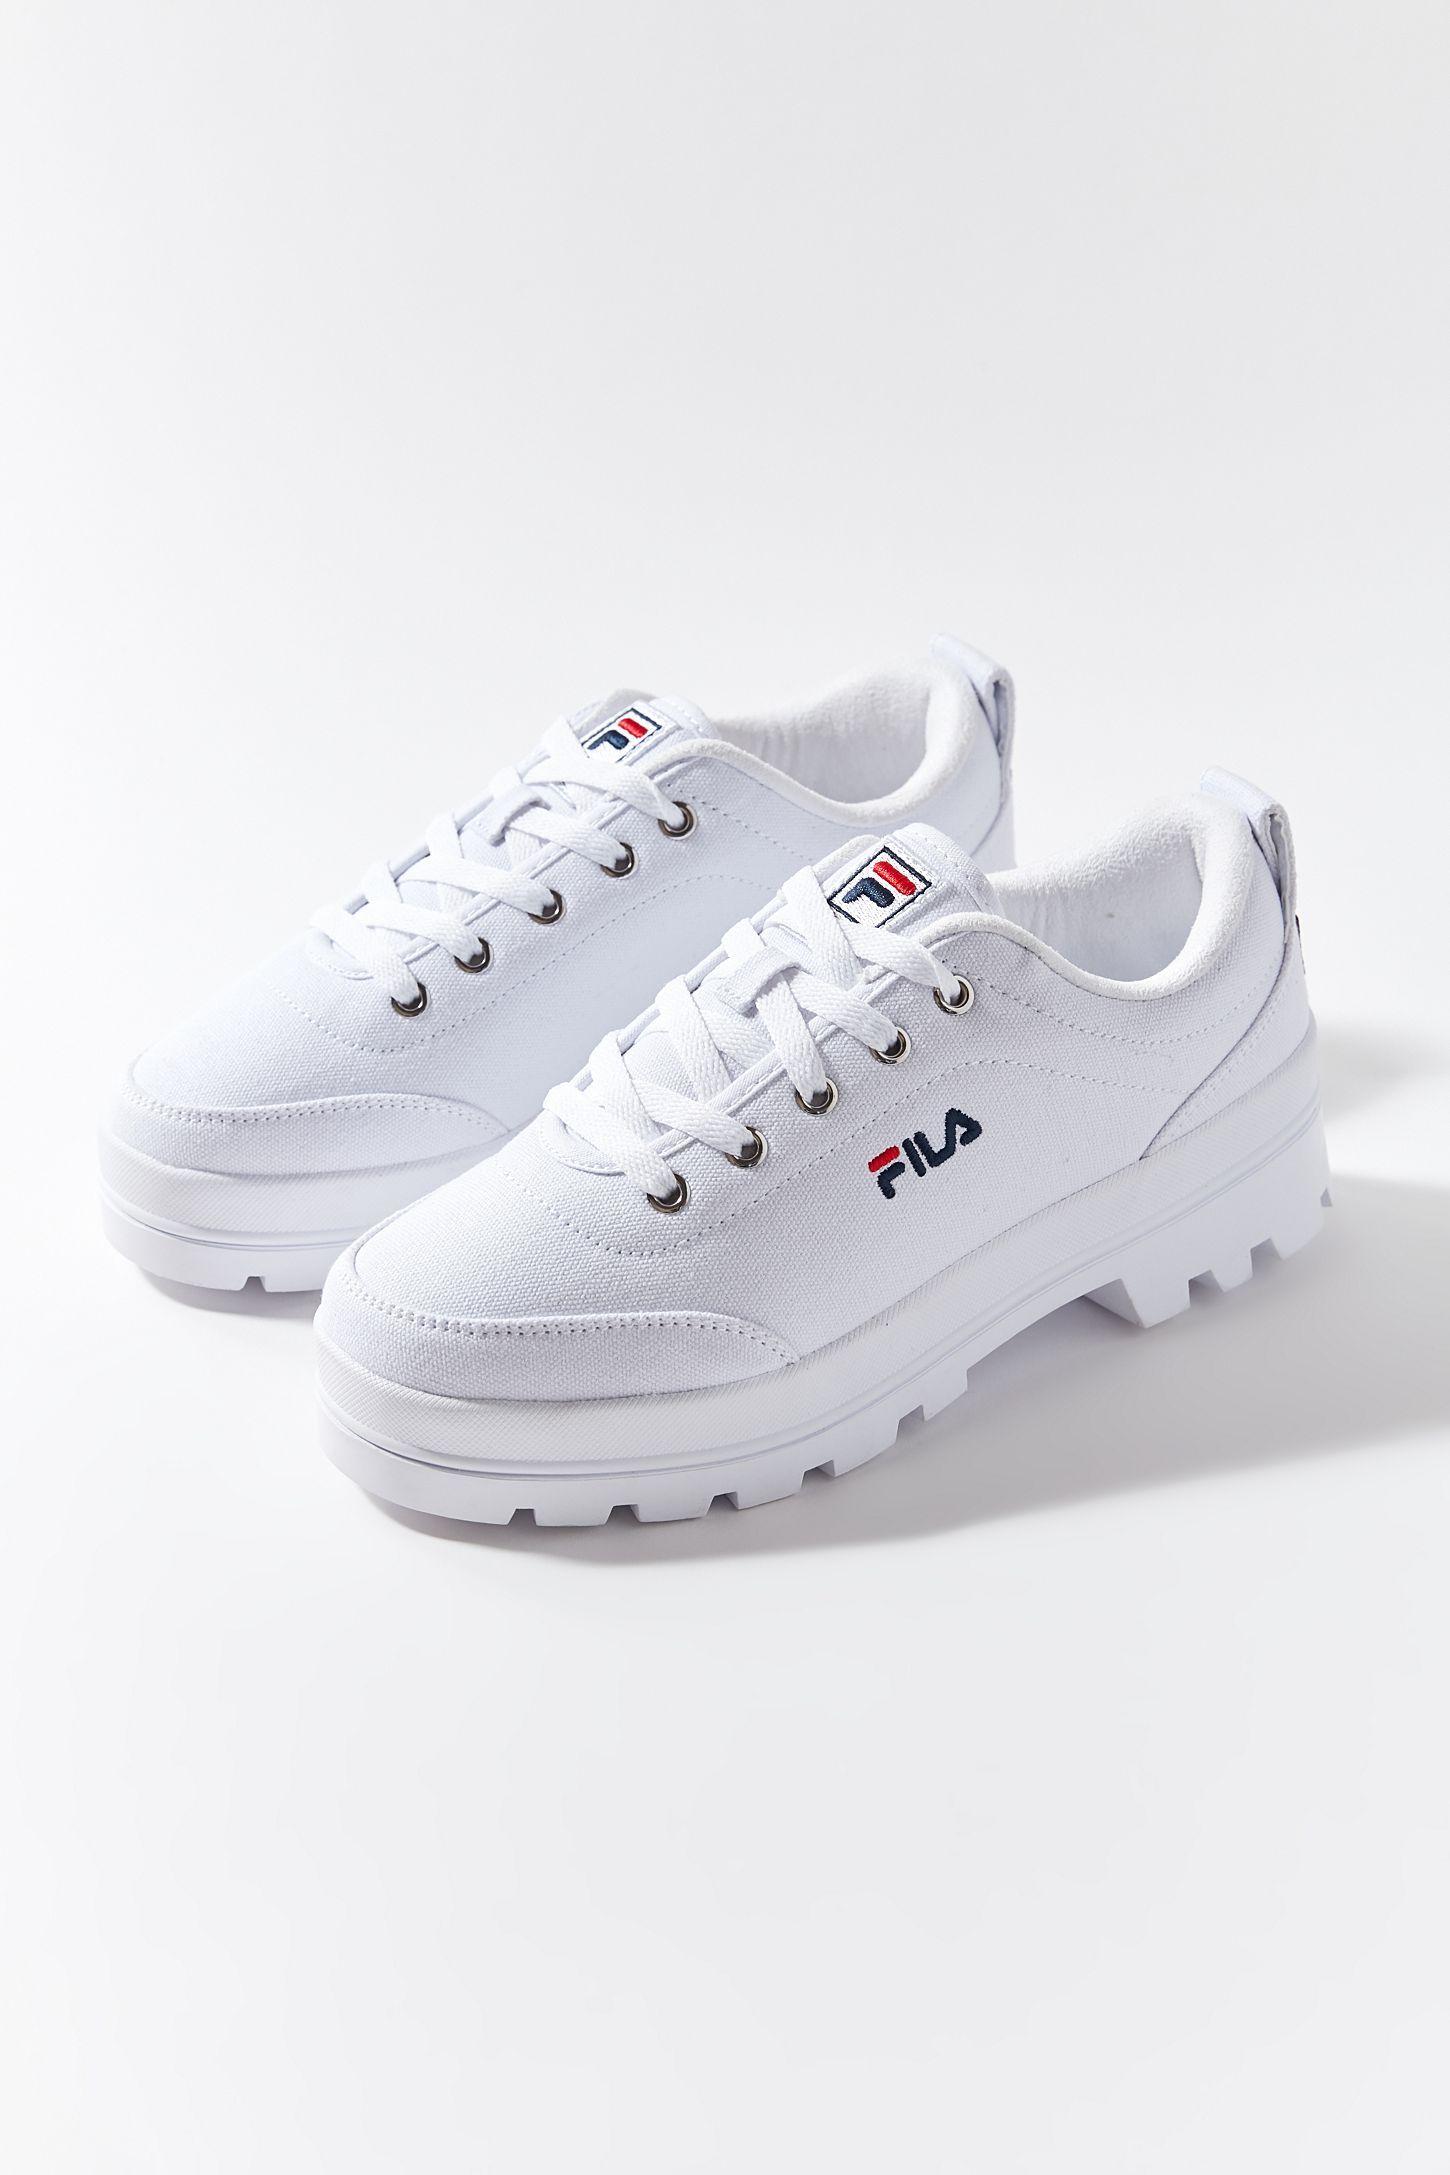 FILA Theme Low Sneaker | Urban